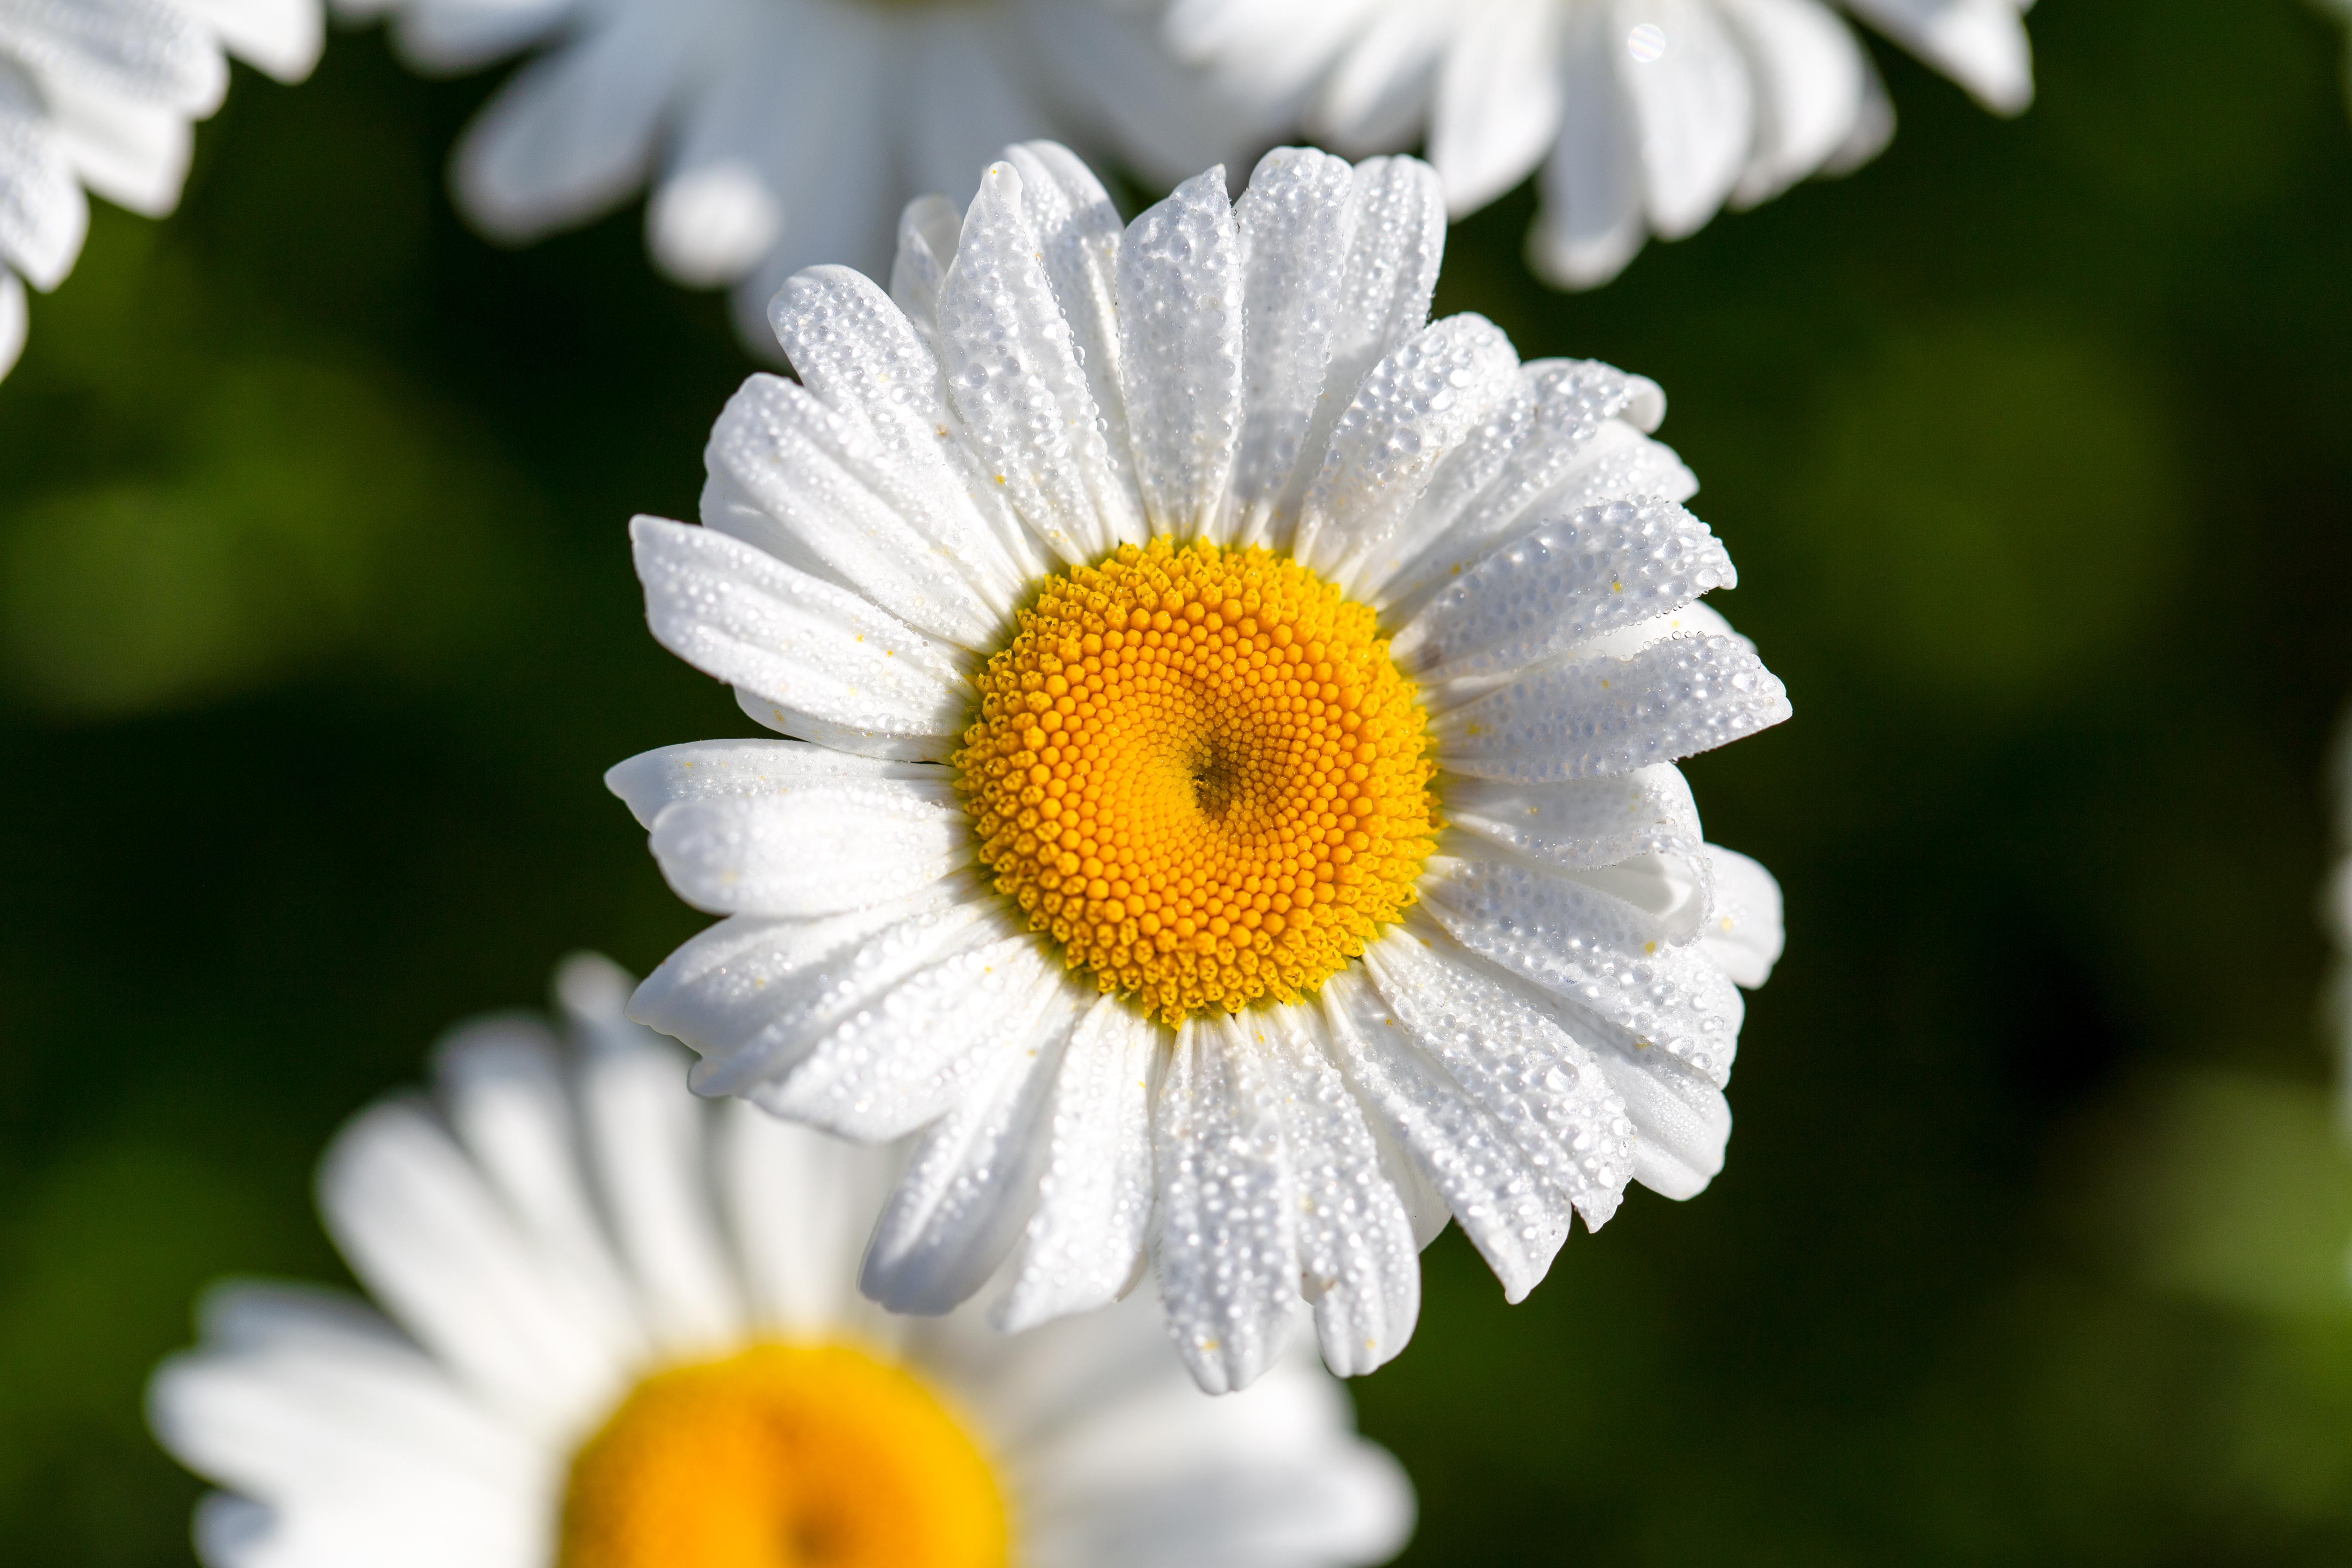 155158 скачать обои Ромашки, Цветы, Капли, Макро, Лепестки - заставки и картинки бесплатно